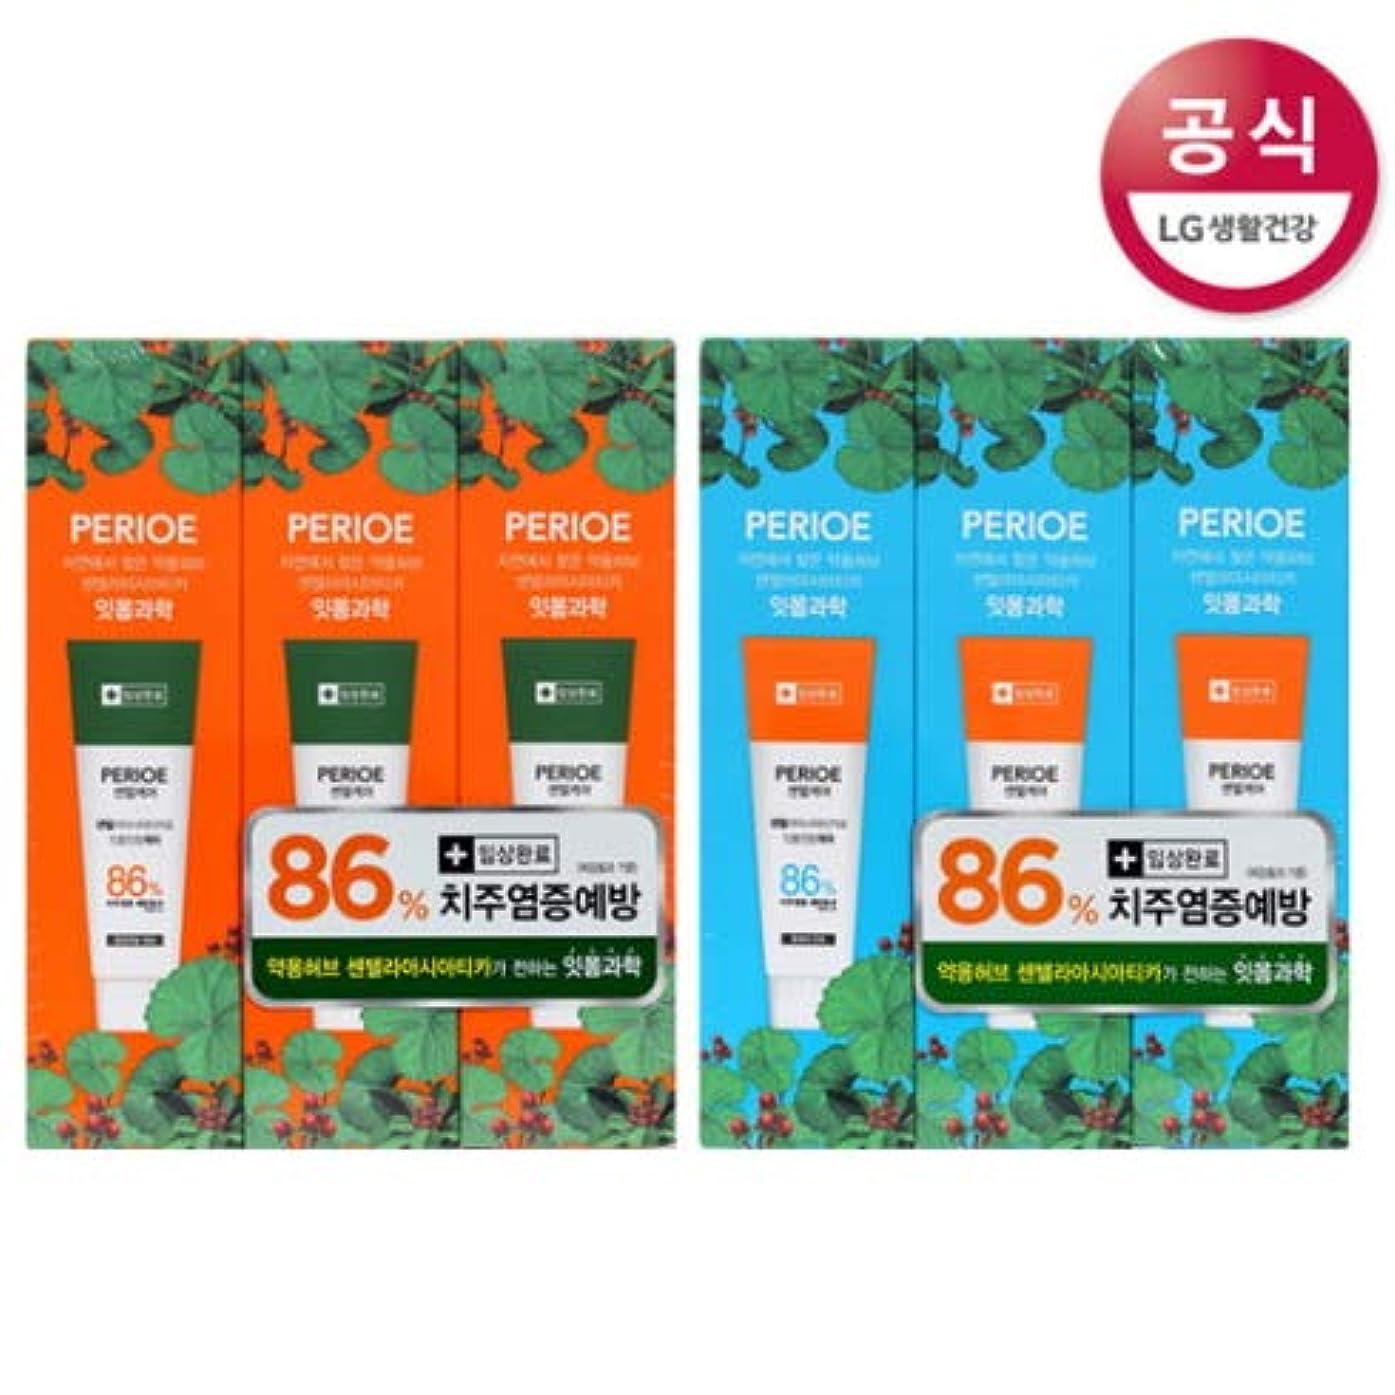 化学強度露出度の高い[LG HnB] Perio centel care toothpaste/ペリオセンテルケア歯磨き粉 100gx6個(海外直送品)